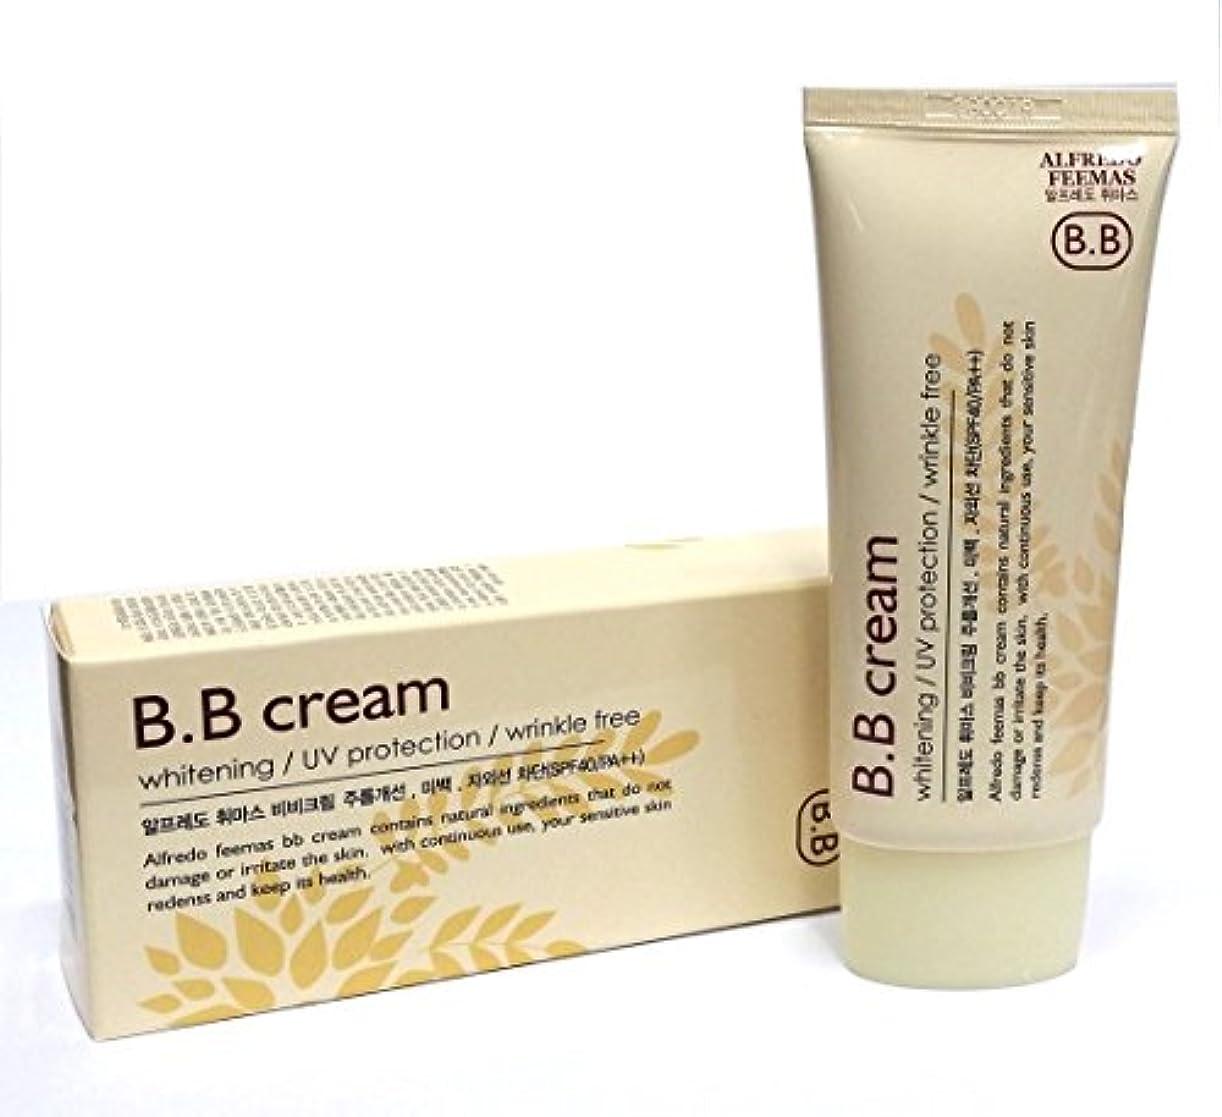 コーン頭蓋骨クローゼットアルフレッドフェイマスBBクリーム50ml X 1ea / Alfredo feemas BB cream 50ml X 1ea / ホワイトニング、しわ、UVプロテクション(SPF40 PA ++)/ Whitening...